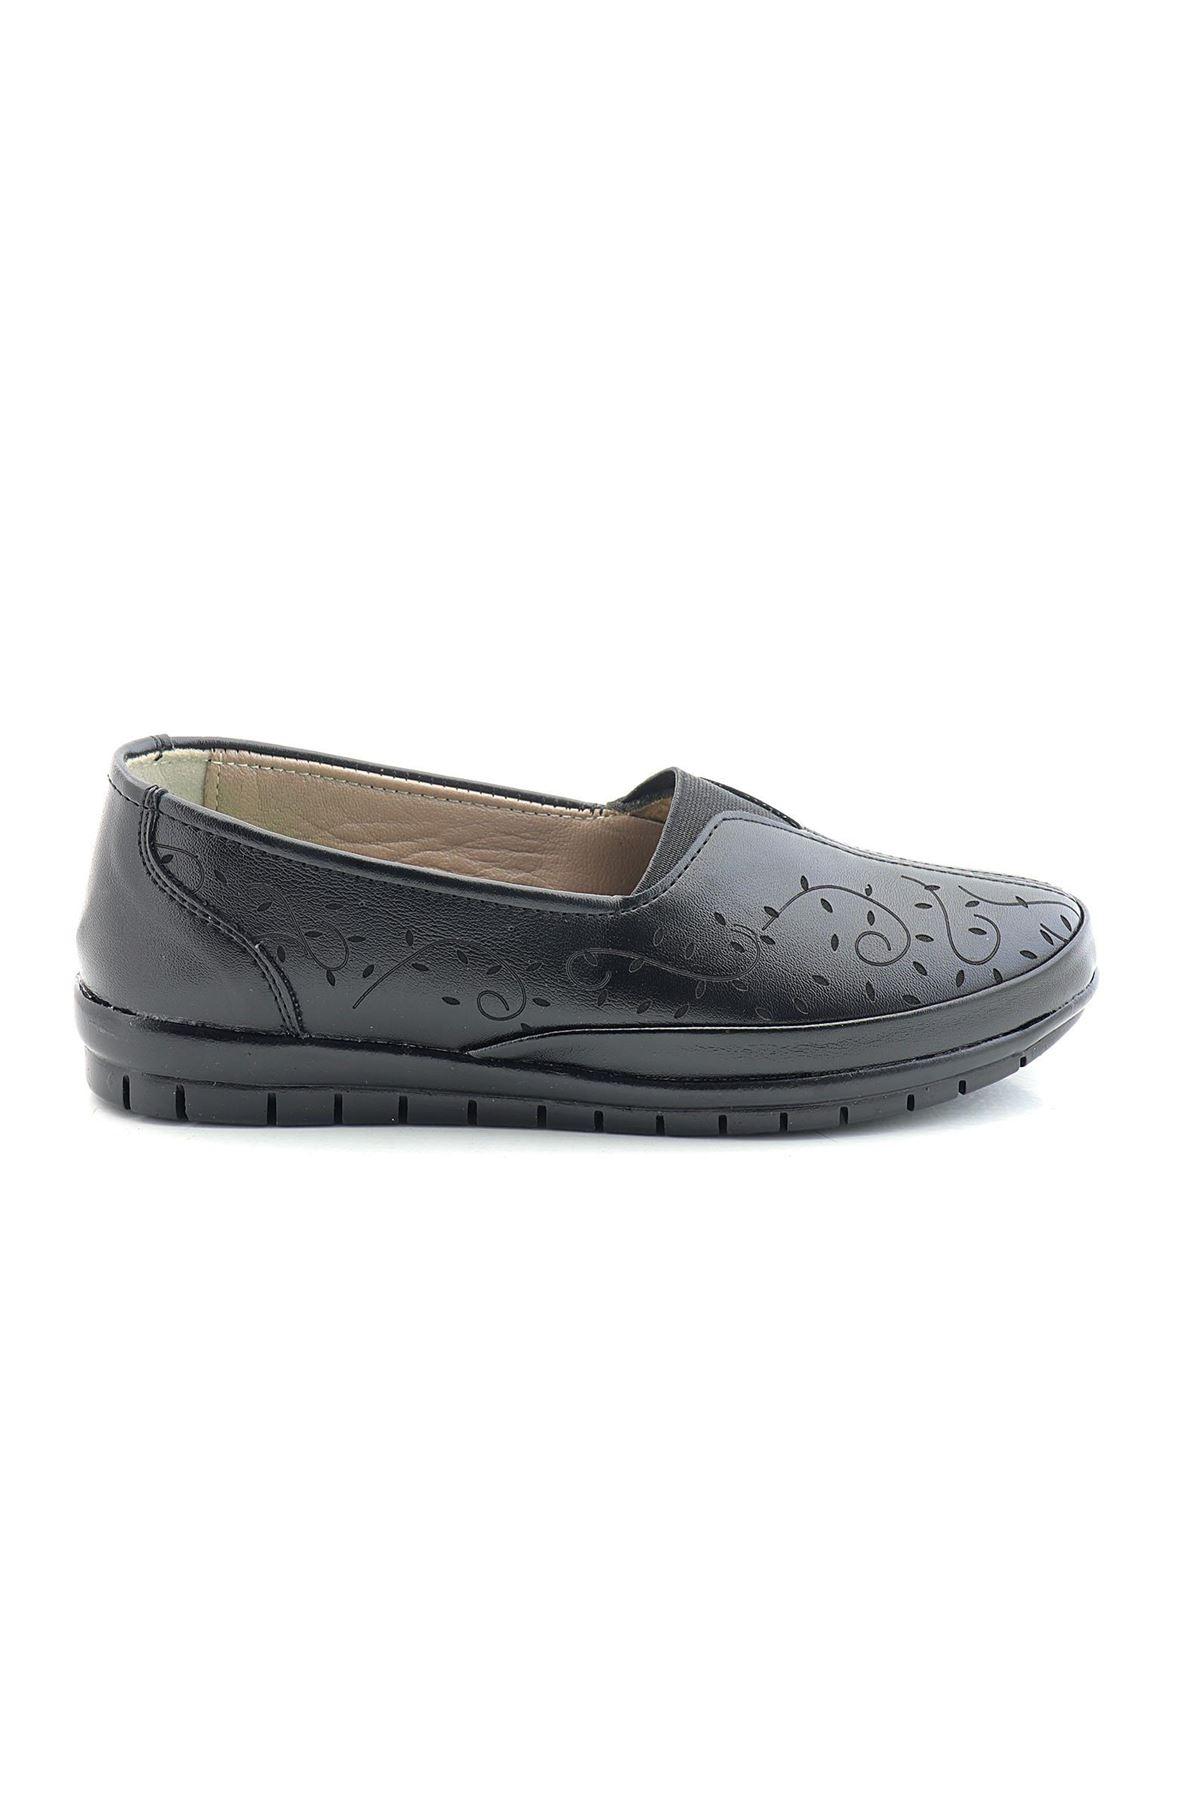 Lady 200 Topuk Destekli Ortopedik Günlük Kadın Ayakkabı